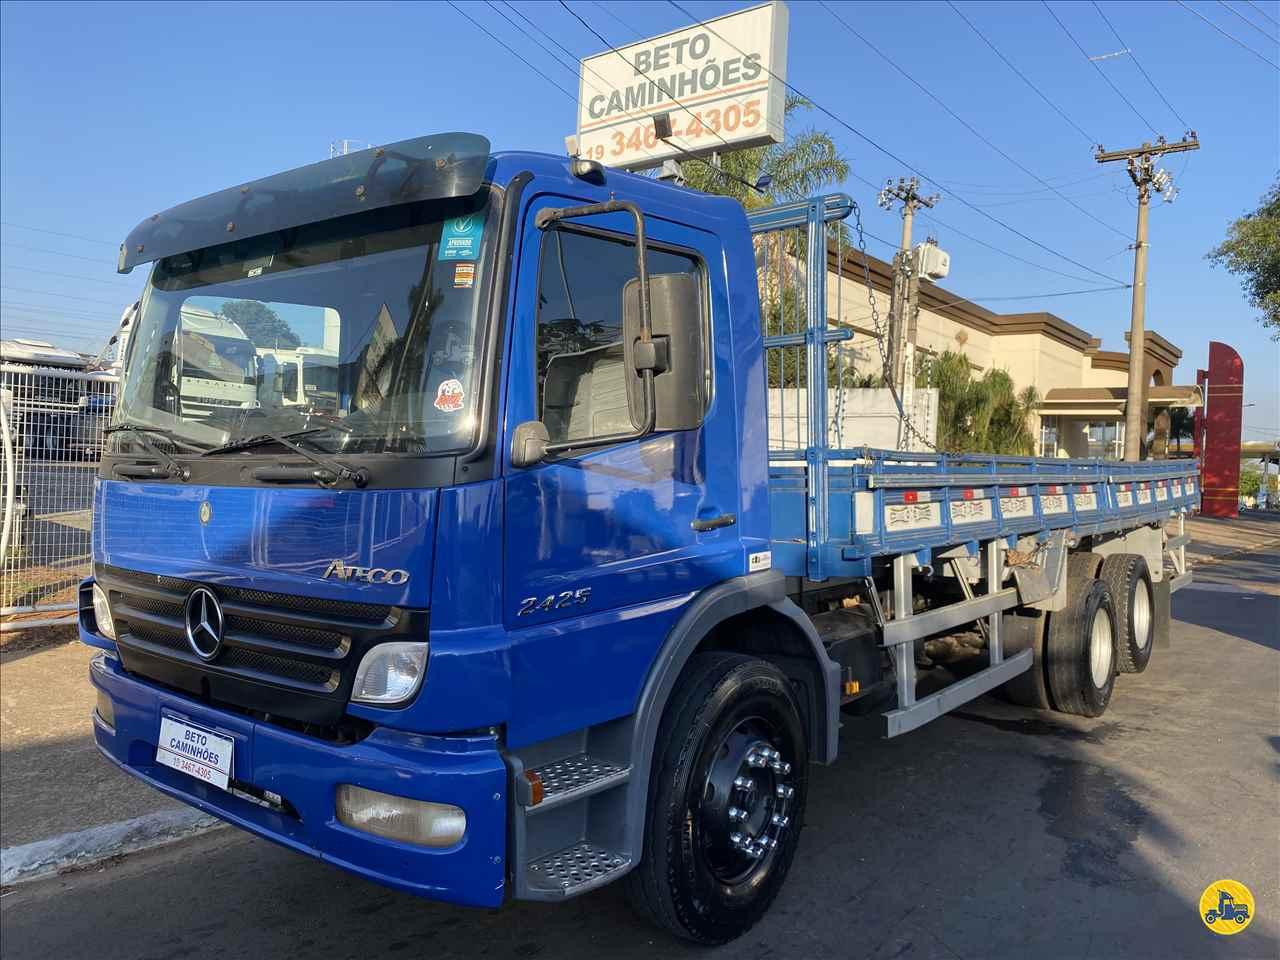 CAMINHAO MERCEDES-BENZ MB 2425 Carga Seca Truck 6x2 Beto Caminhões Piracicaba AMERICANA SÃO PAULO SP